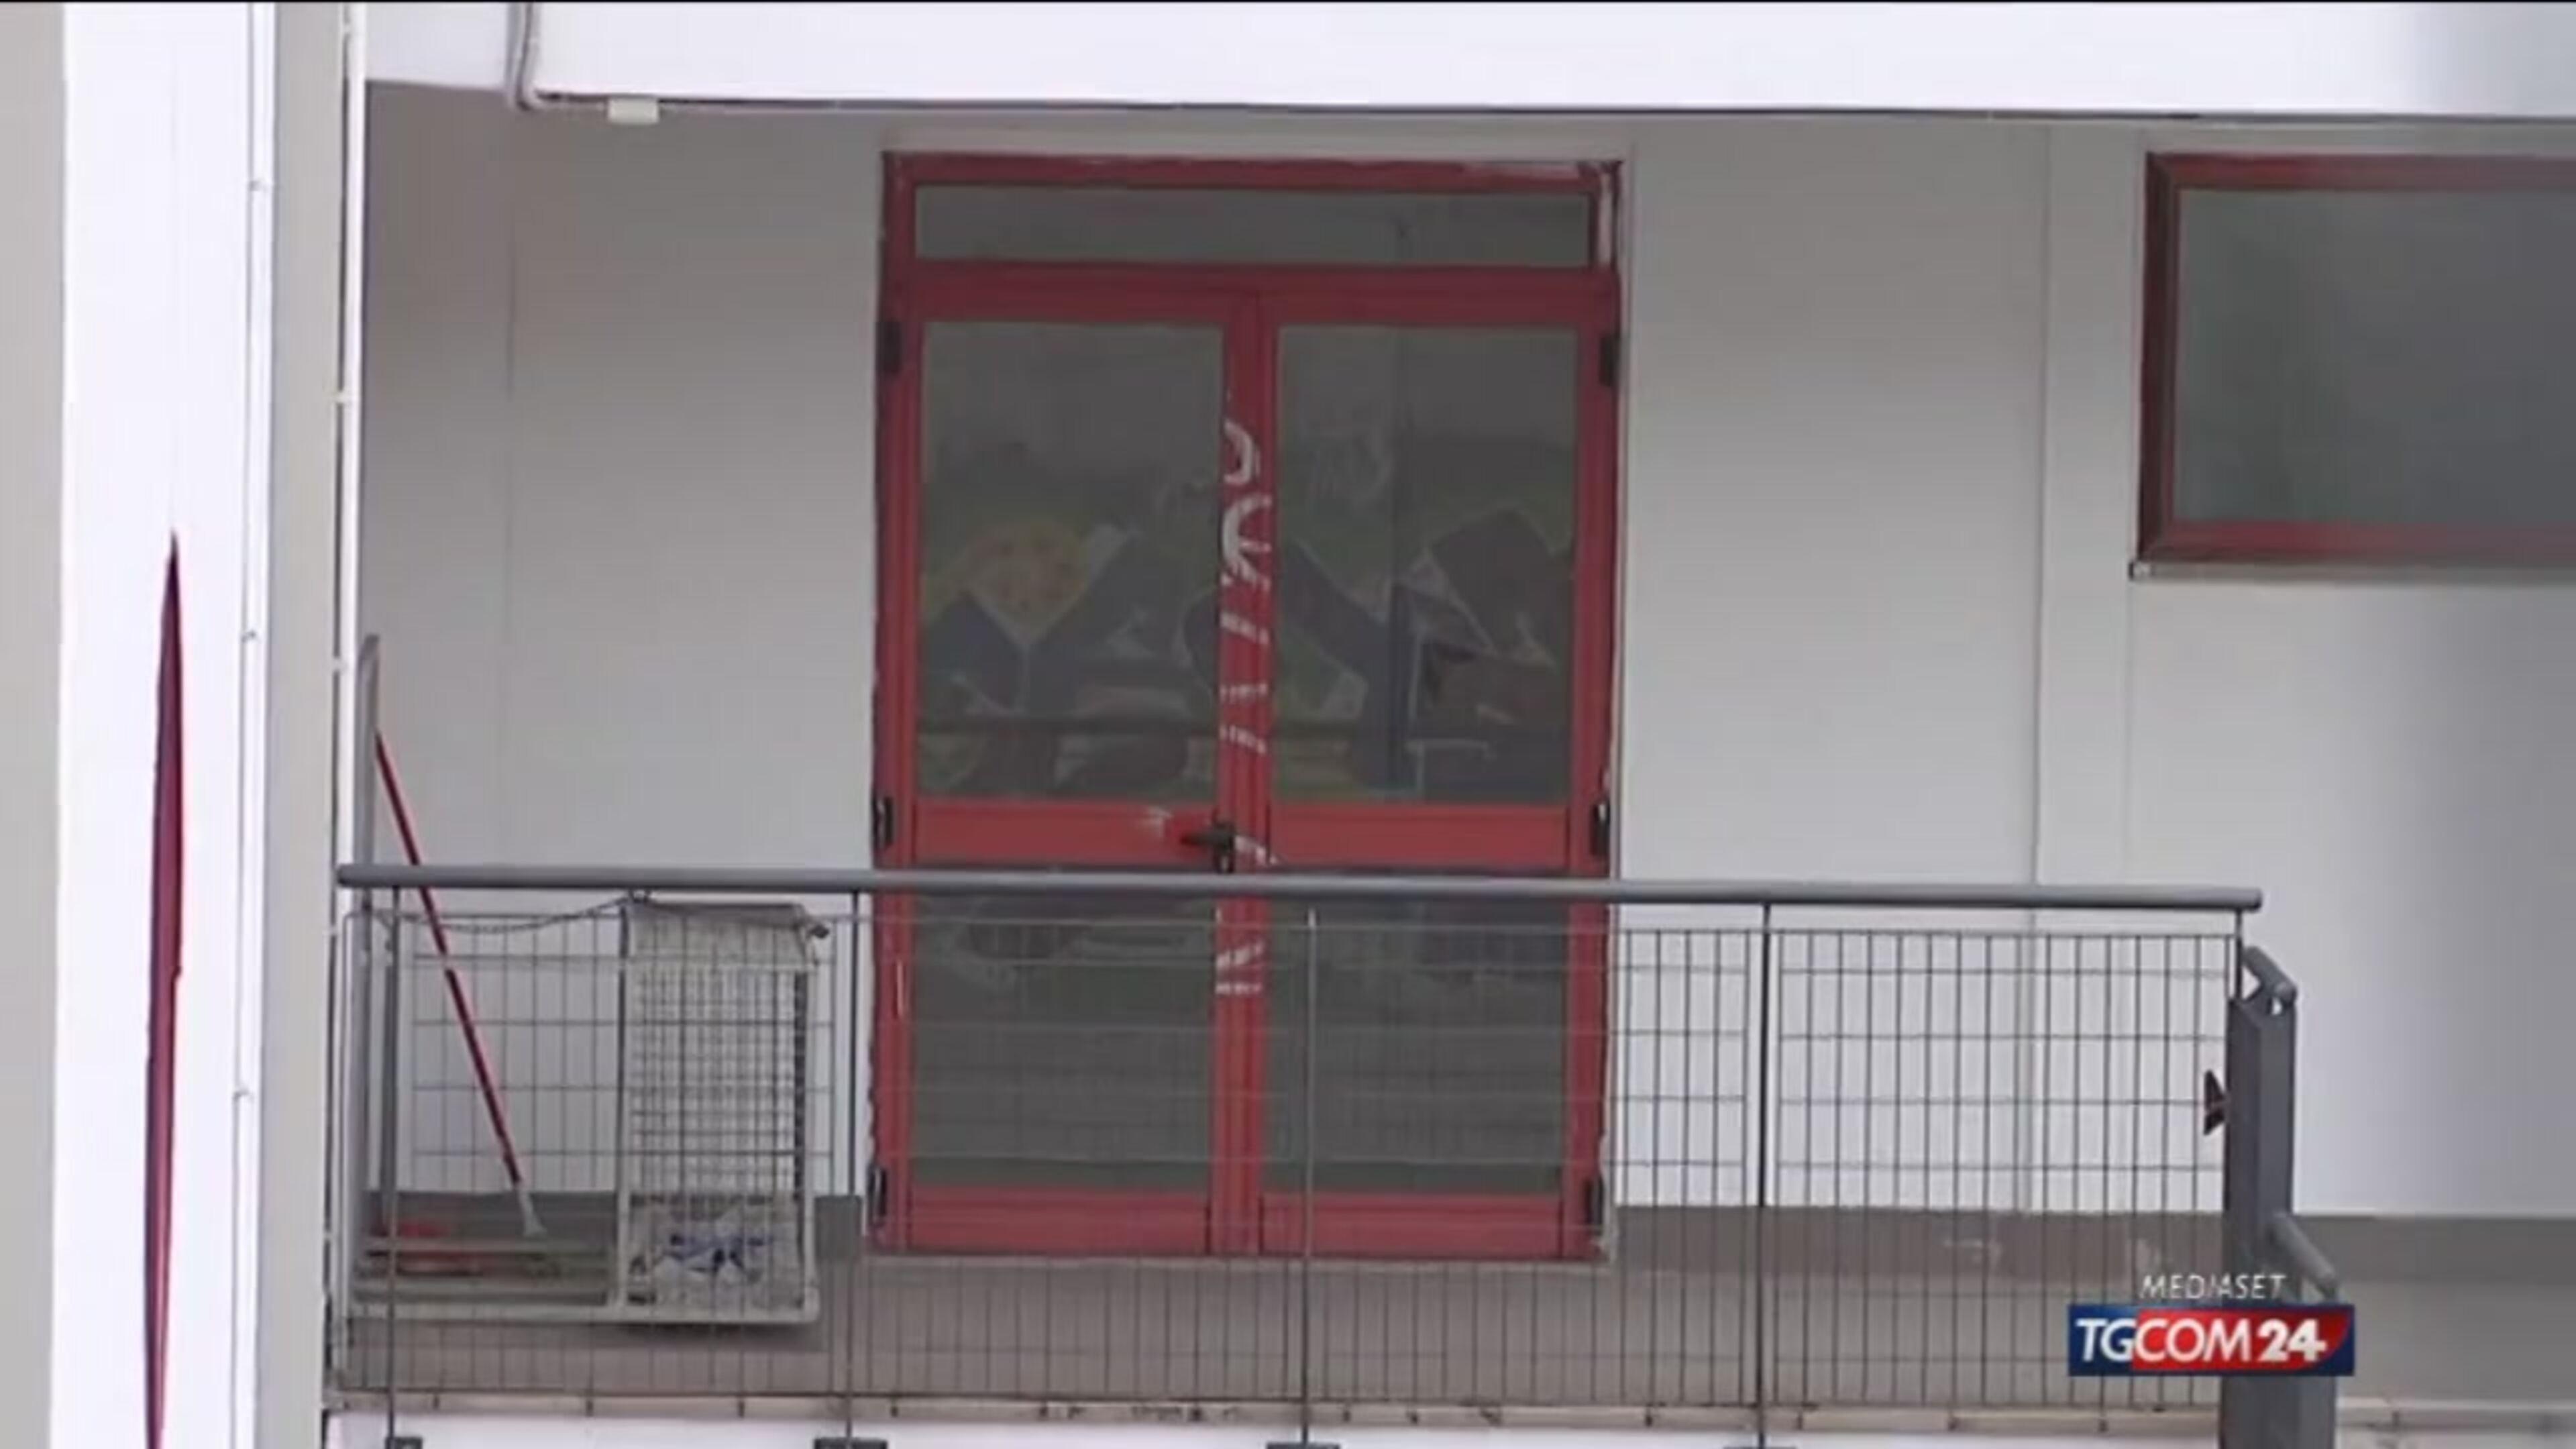 Terremoto L'Aquila, verifiche su liceo: anno scolastico a rischio